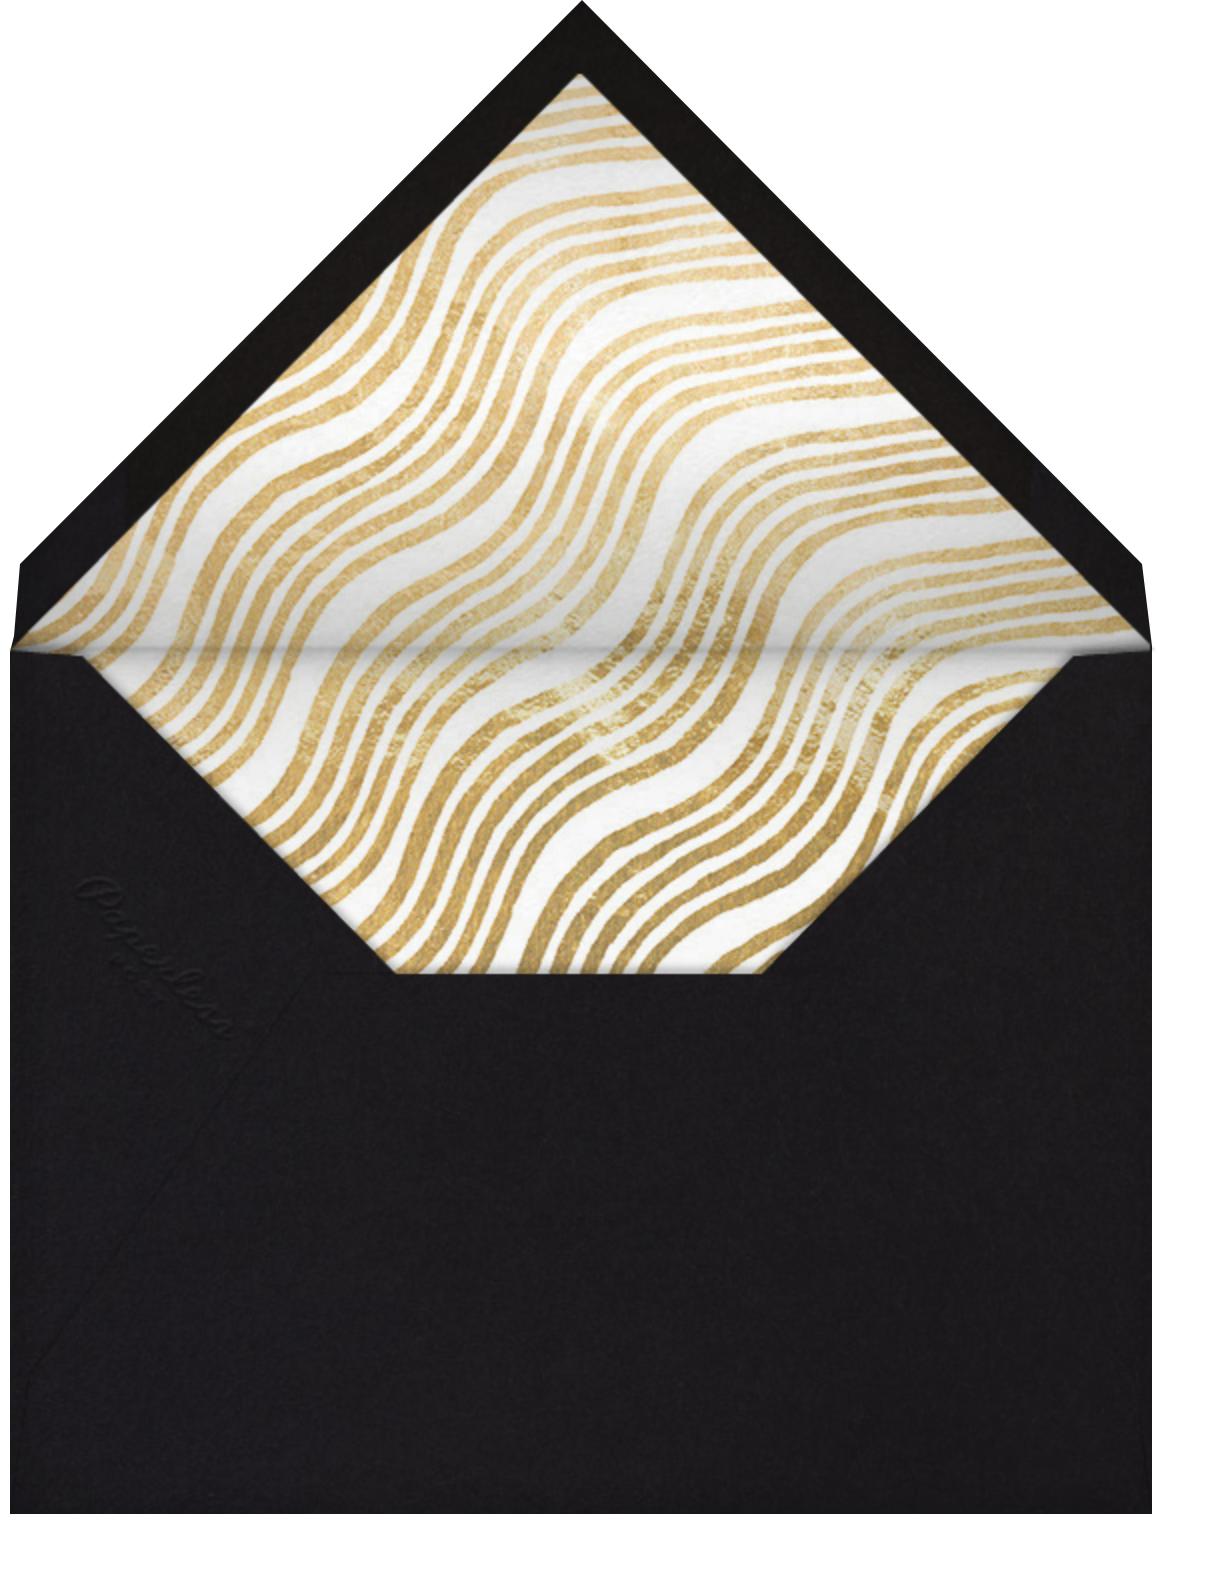 Eclisse - Black - Kelly Wearstler - Cocktail party - envelope back